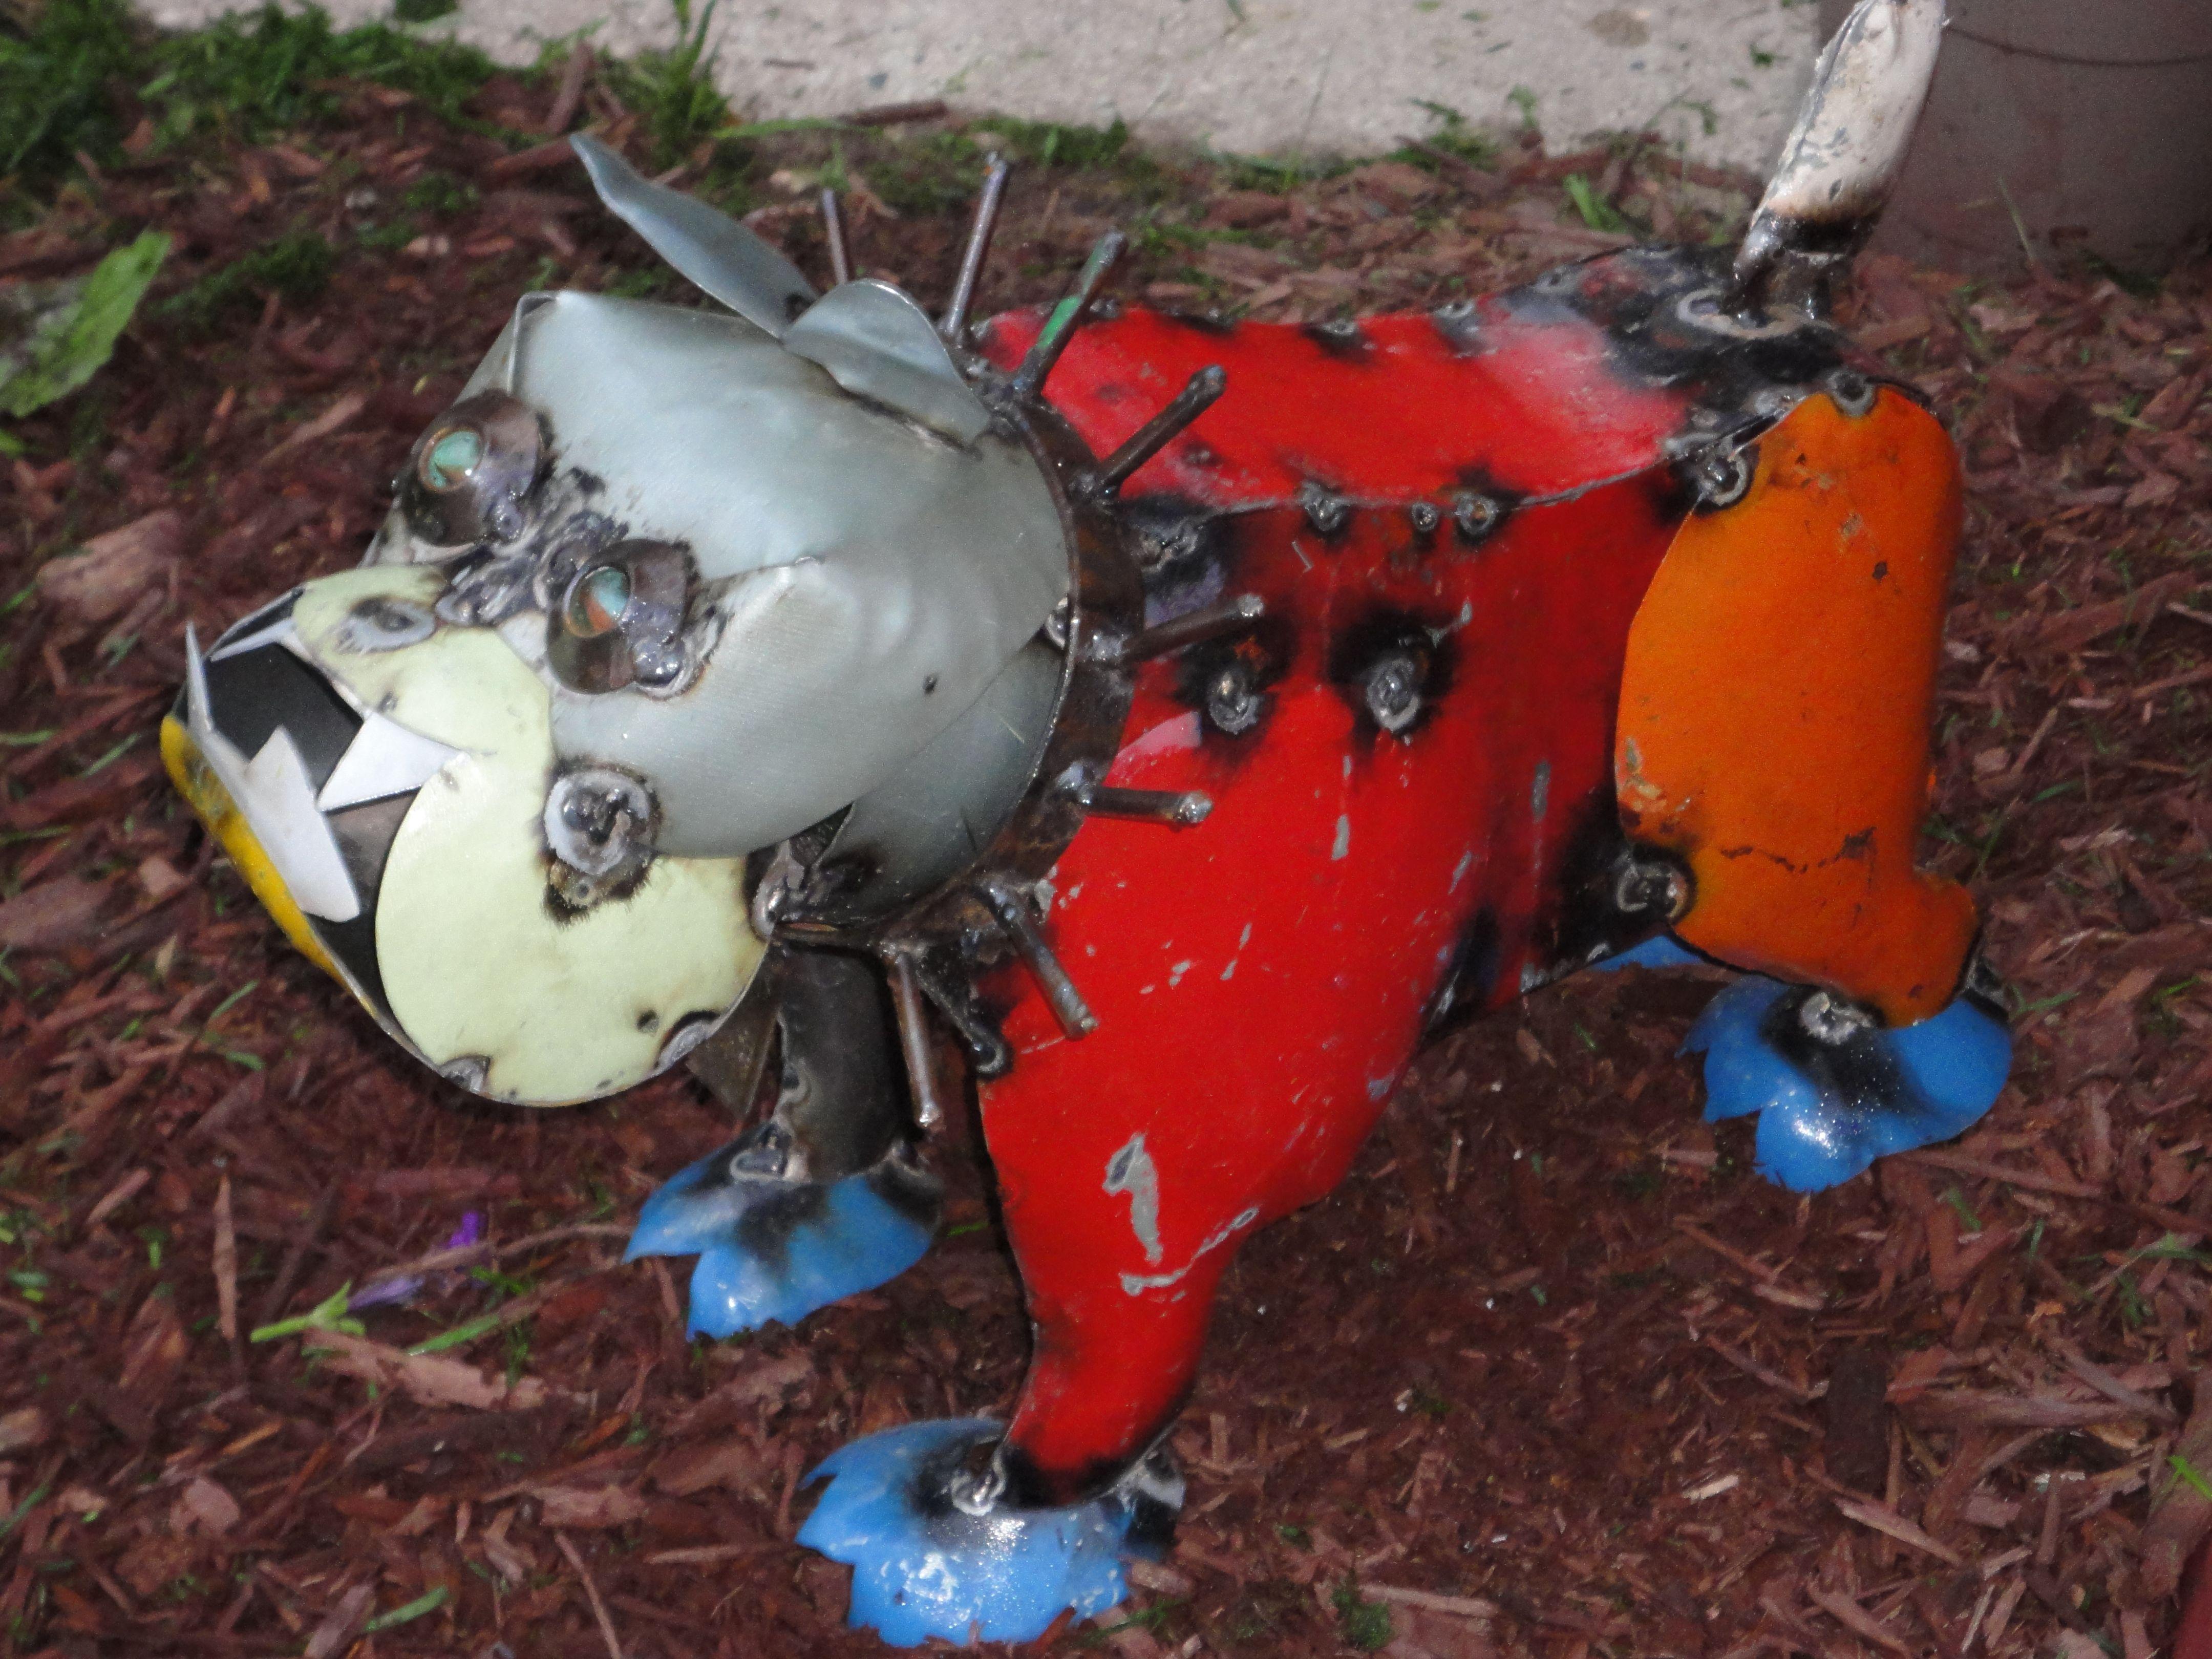 Metal Bulldog/Yard Art In Backyard